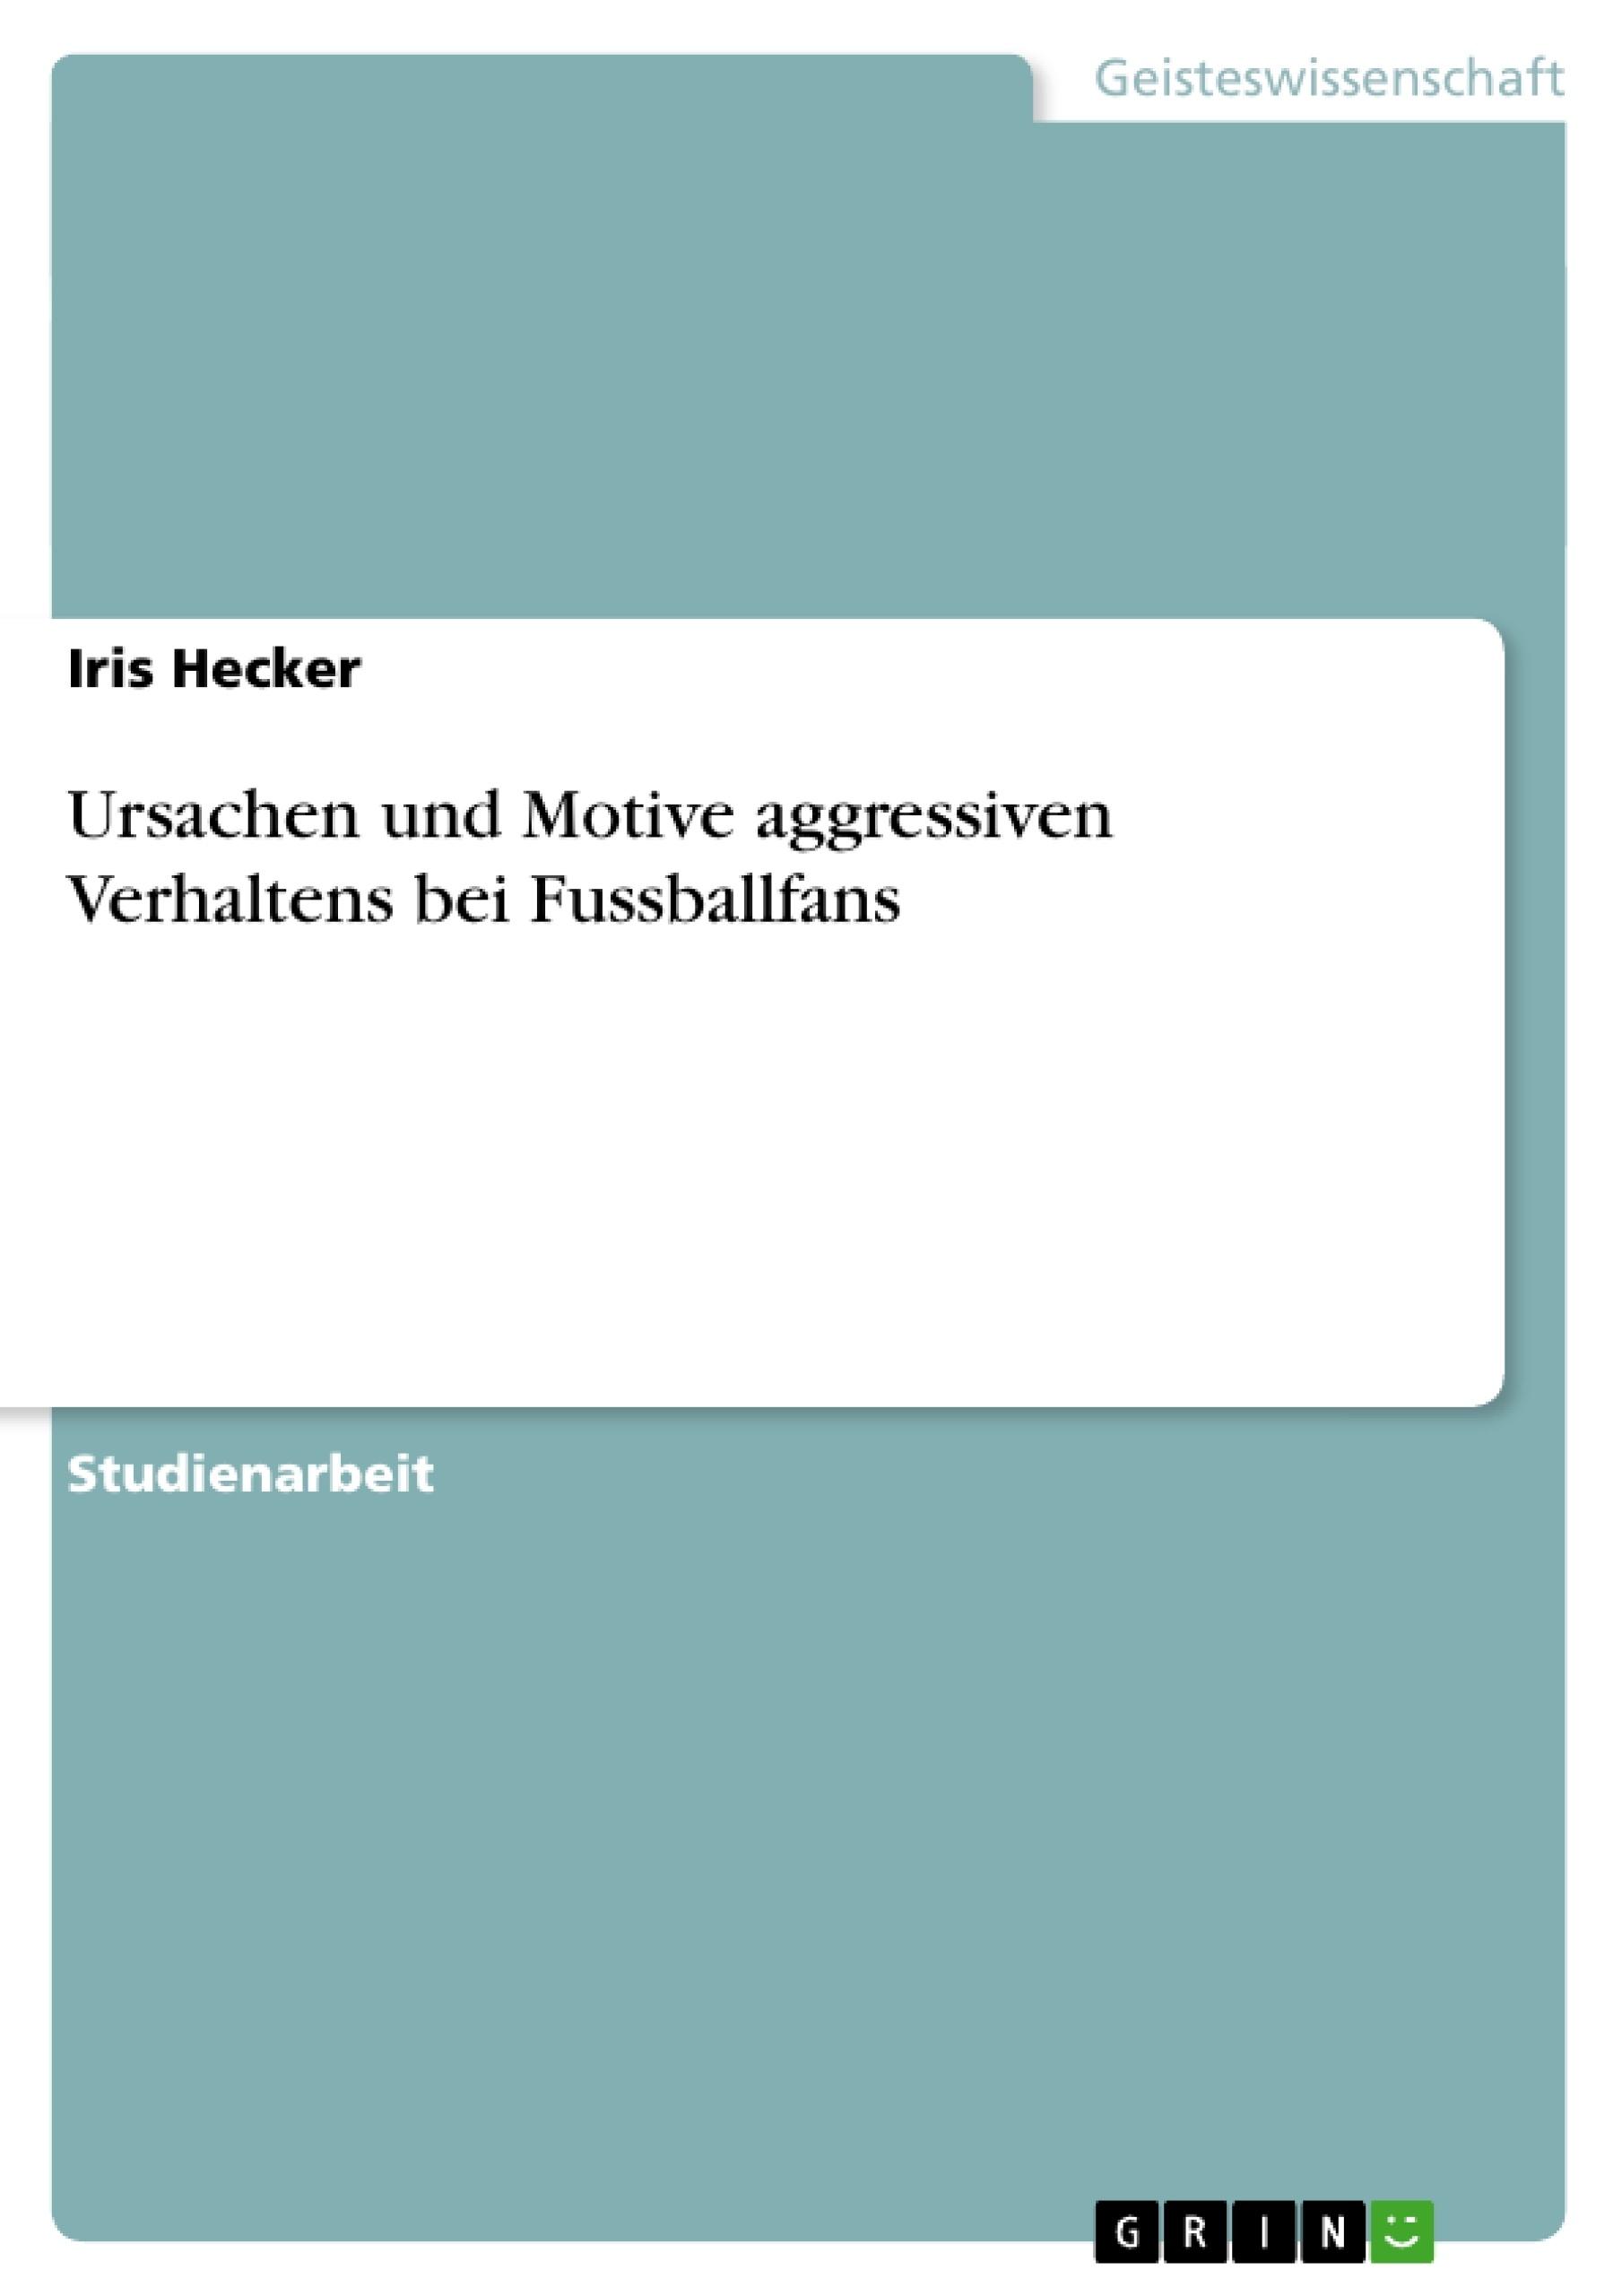 Titel: Ursachen und Motive aggressiven Verhaltens bei Fussballfans